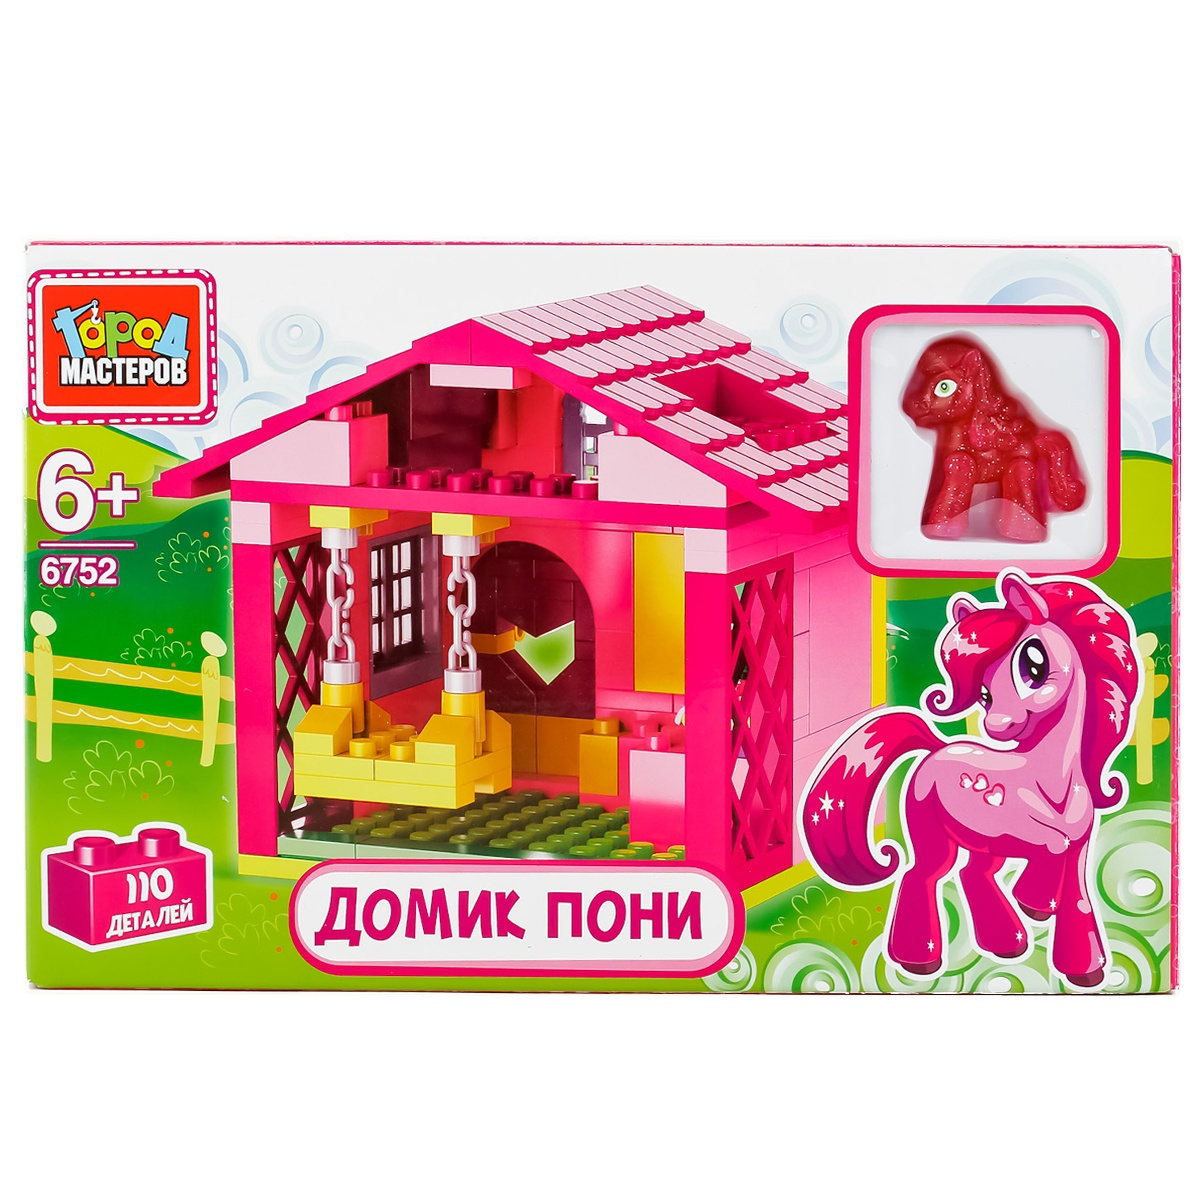 Пластиковый конструктор Город мастеров 216924, 216924